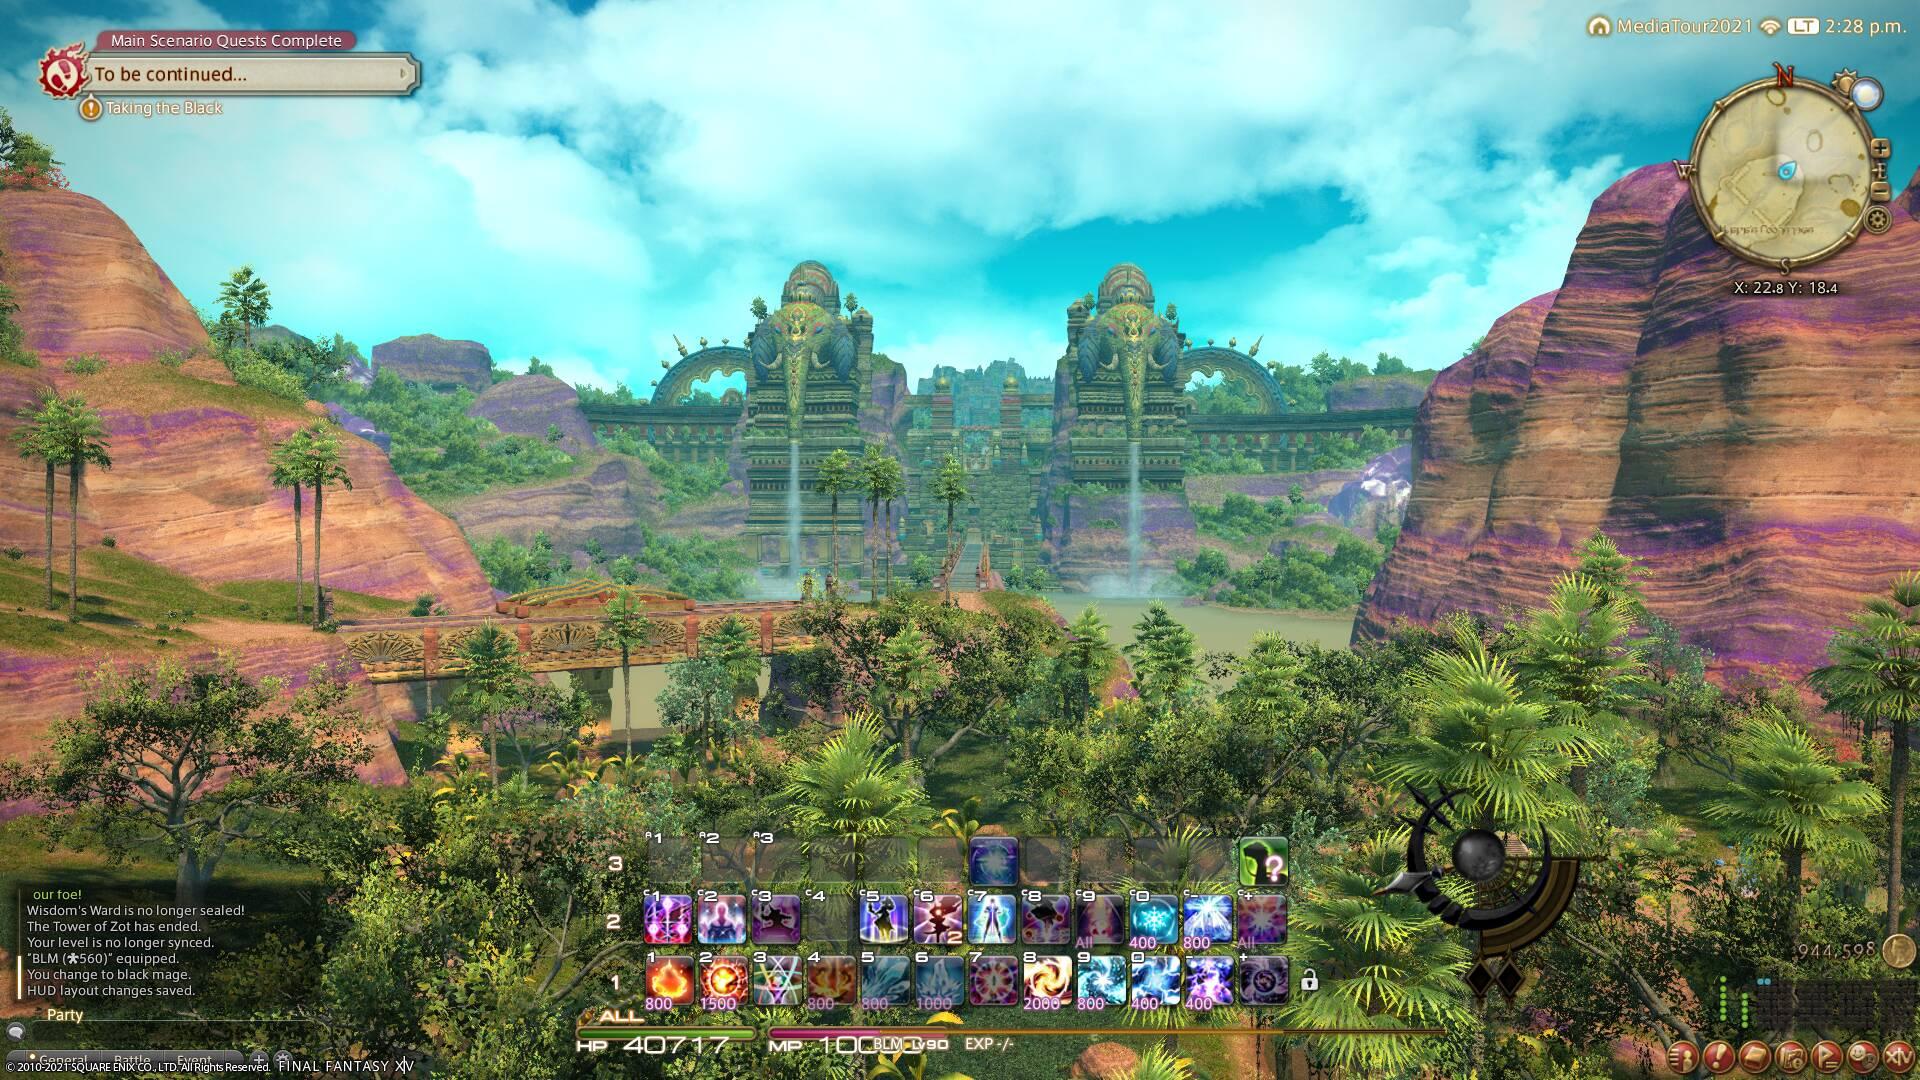 Final Fantasy XIV - Endwalker